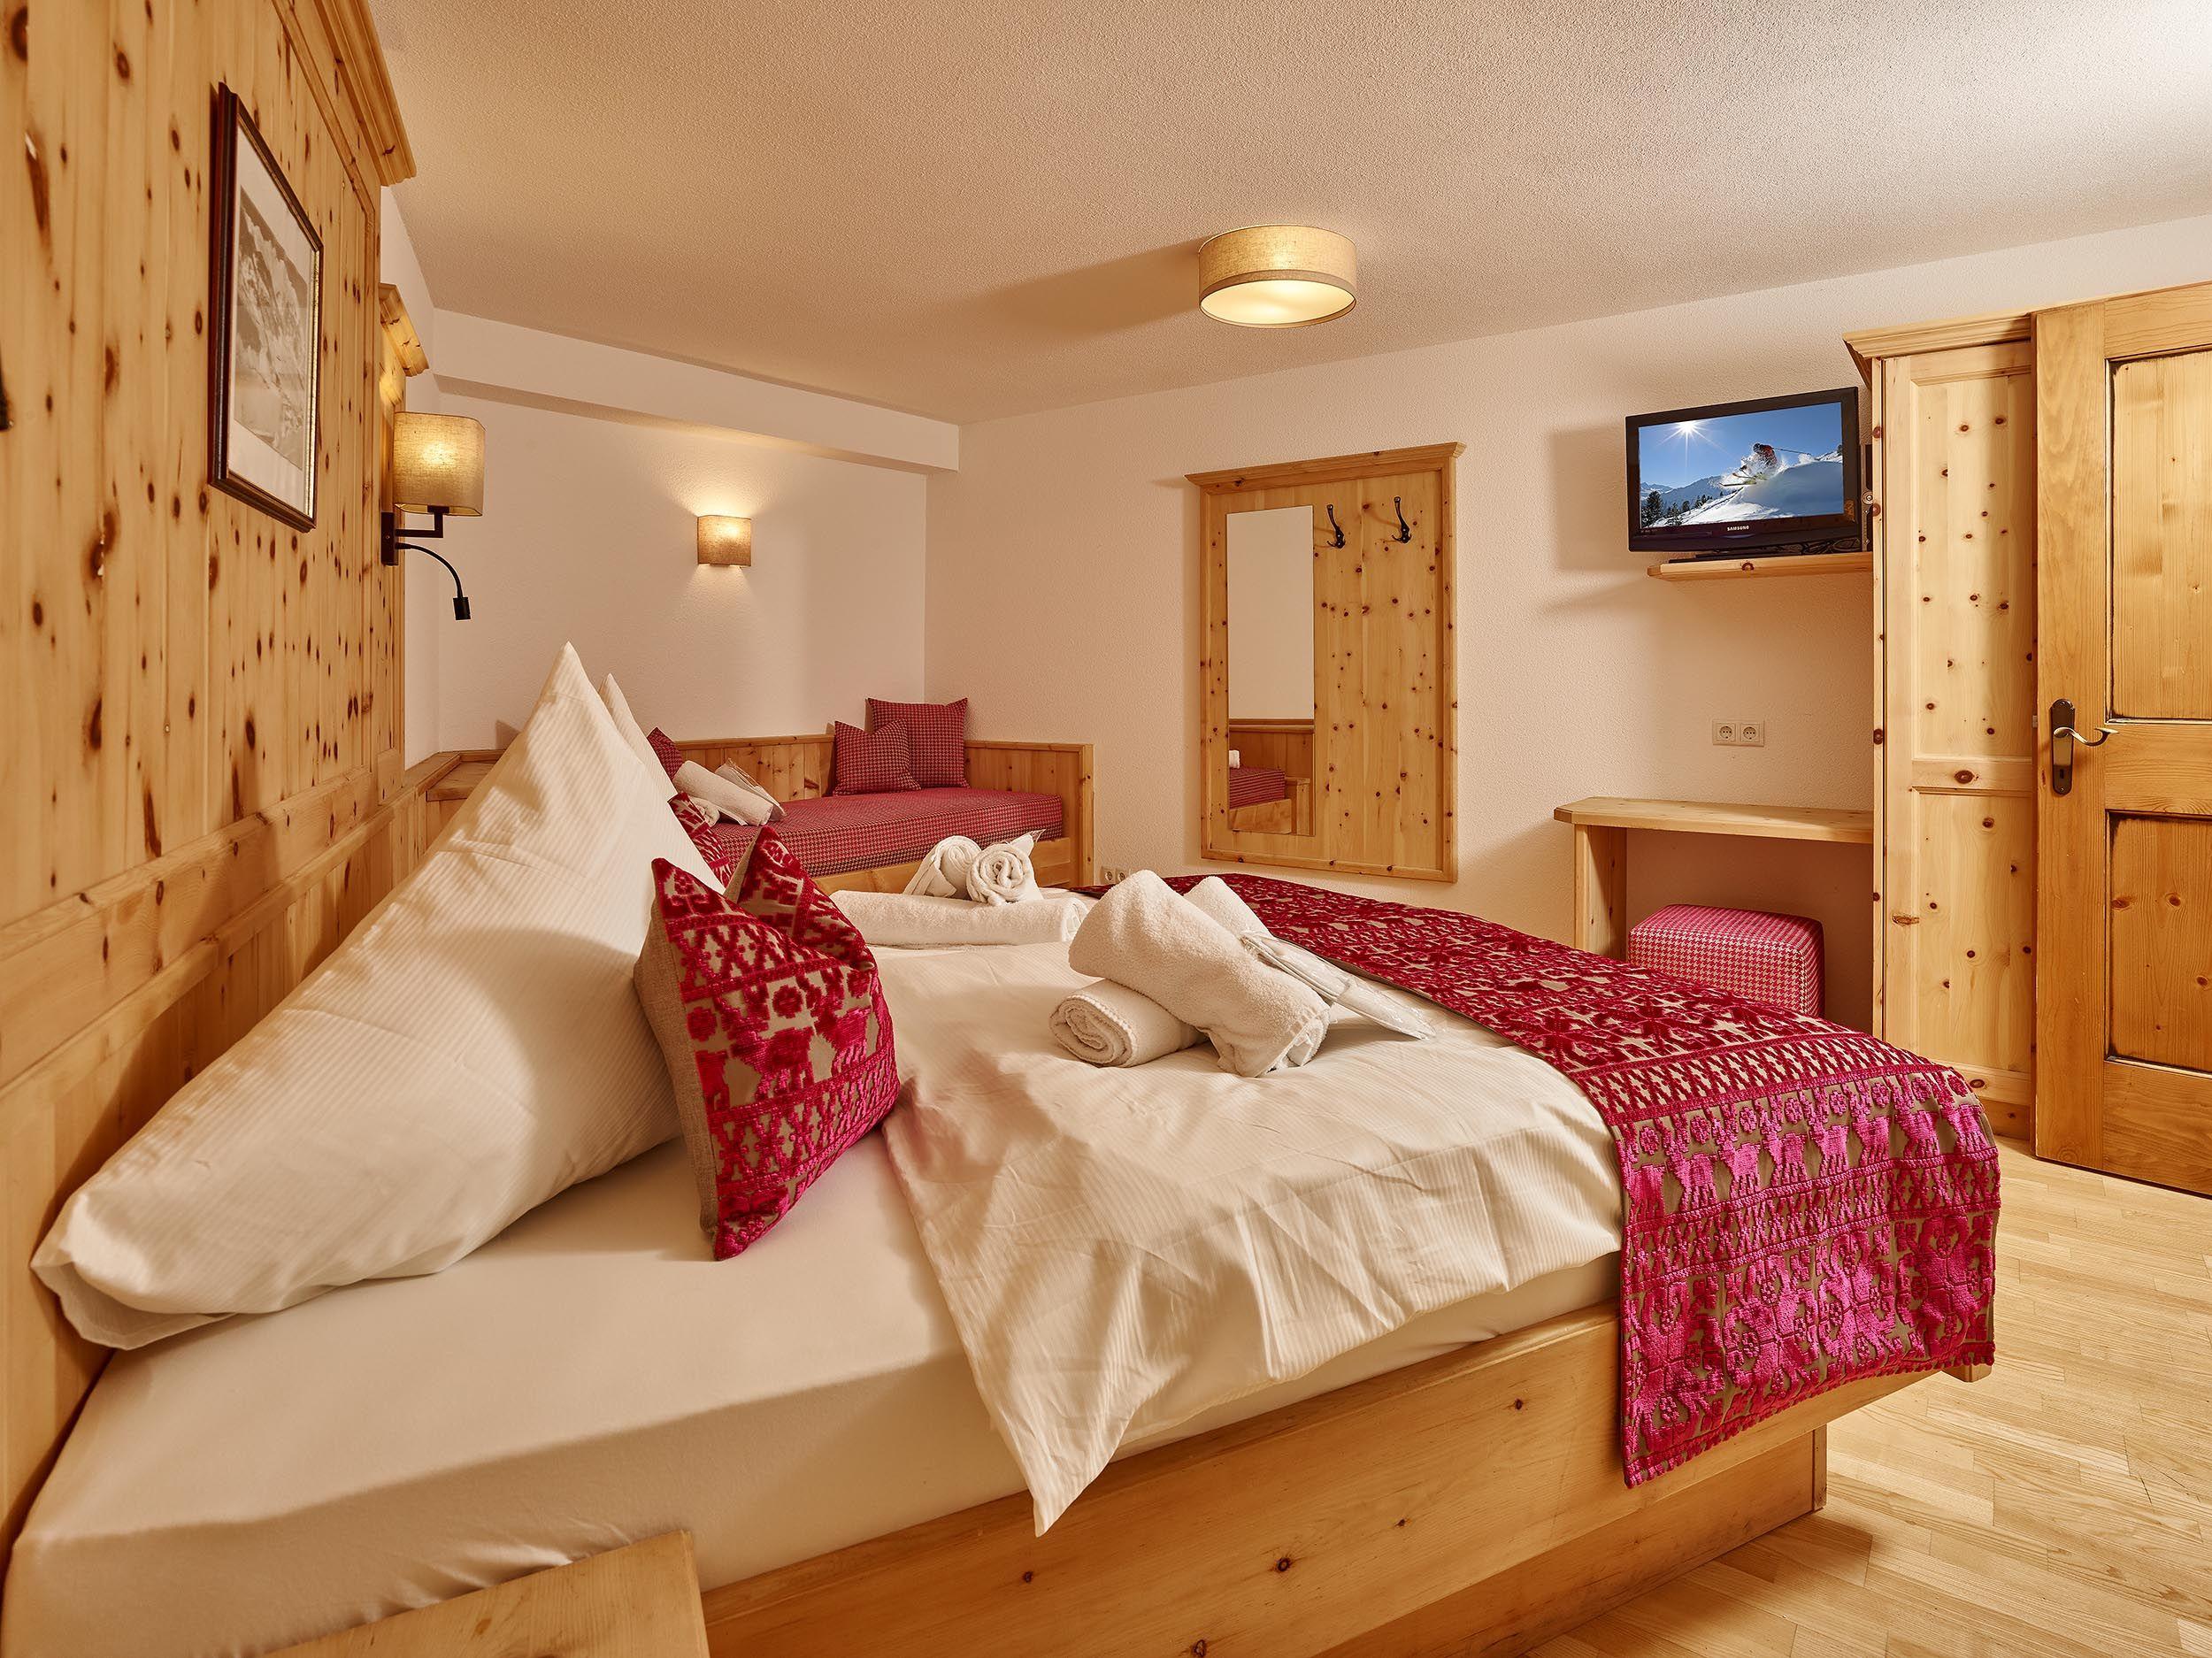 schlafzimmer ferienhaus brunnenkogl für 8 personen in sölden